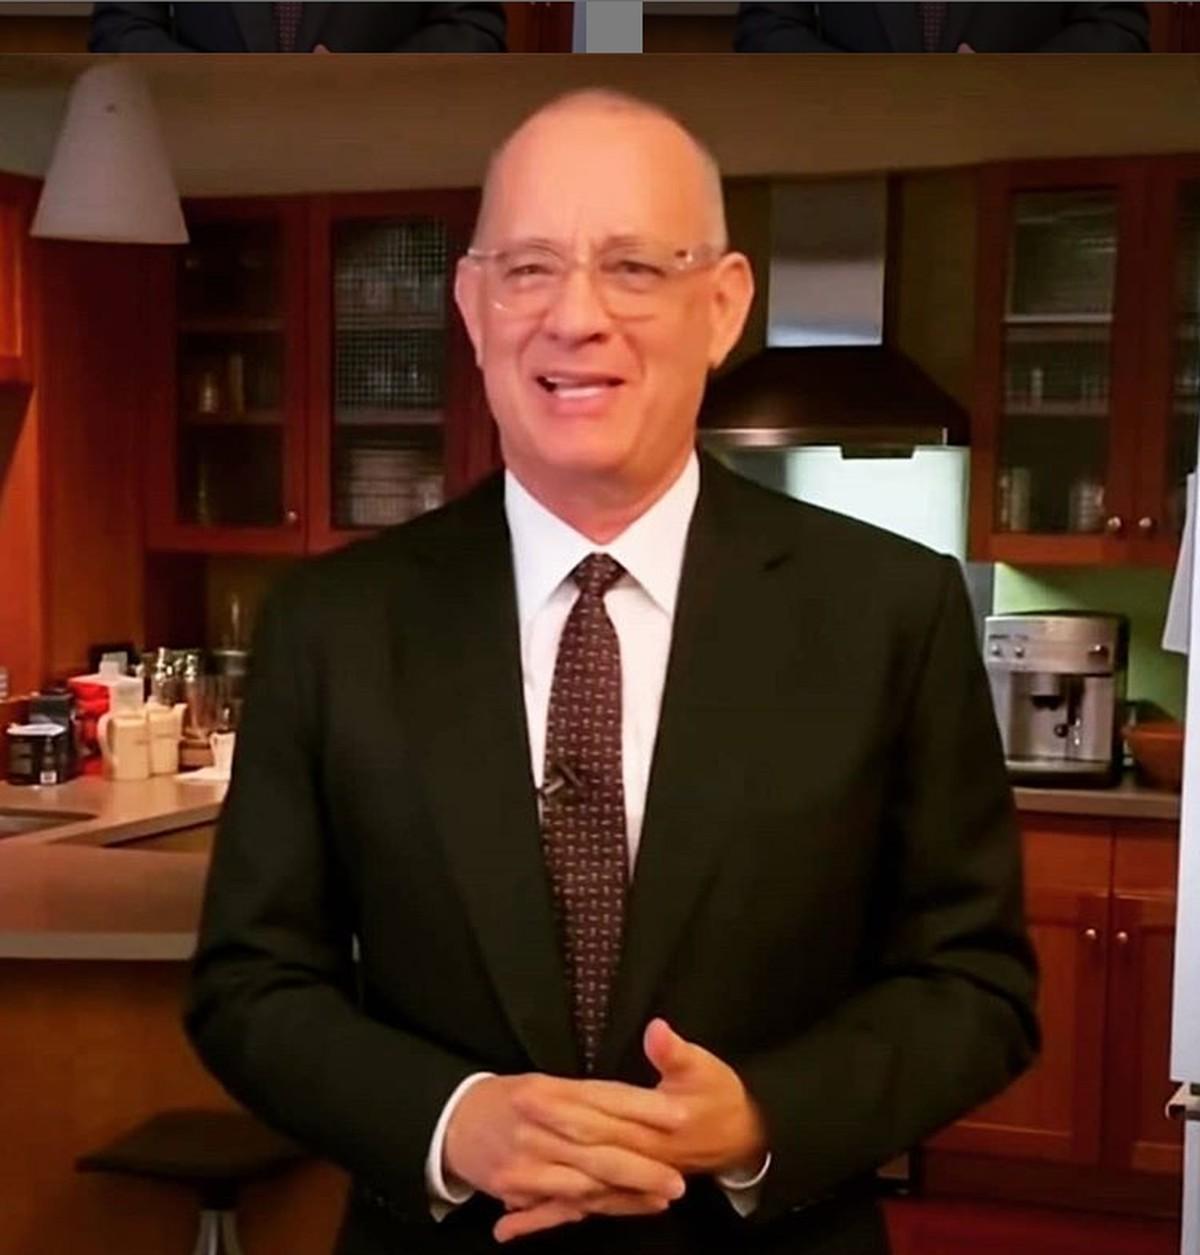 Tom Hanks apresenta programa de TV em sua casa após se curar de Covid-19 | Pop & Arte